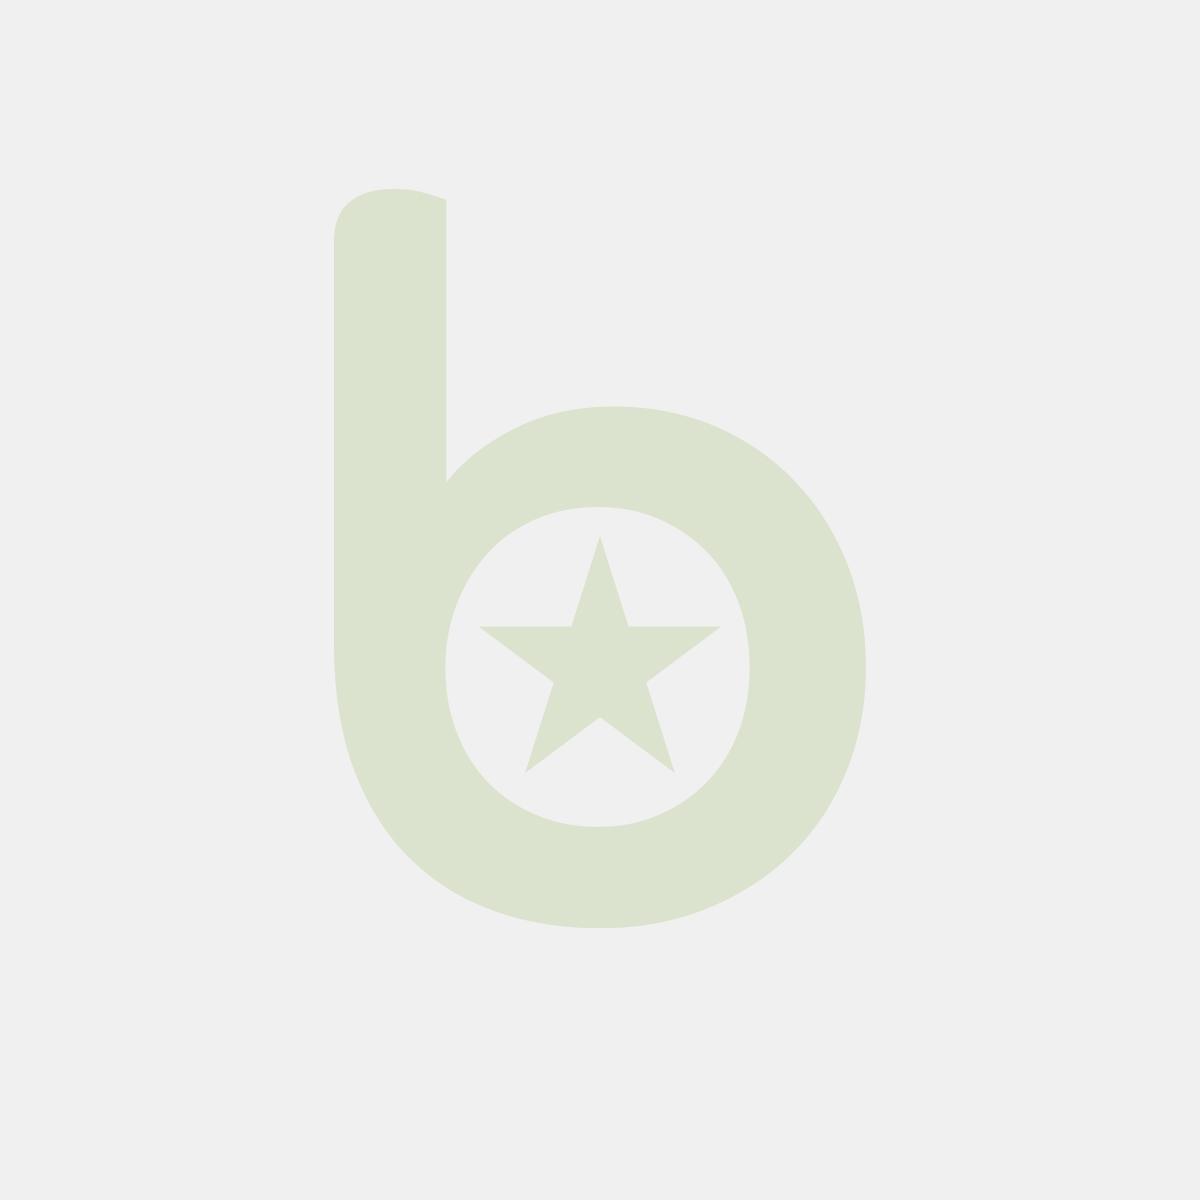 Łyżki DREWNIANE 15,7cm op. 250szt